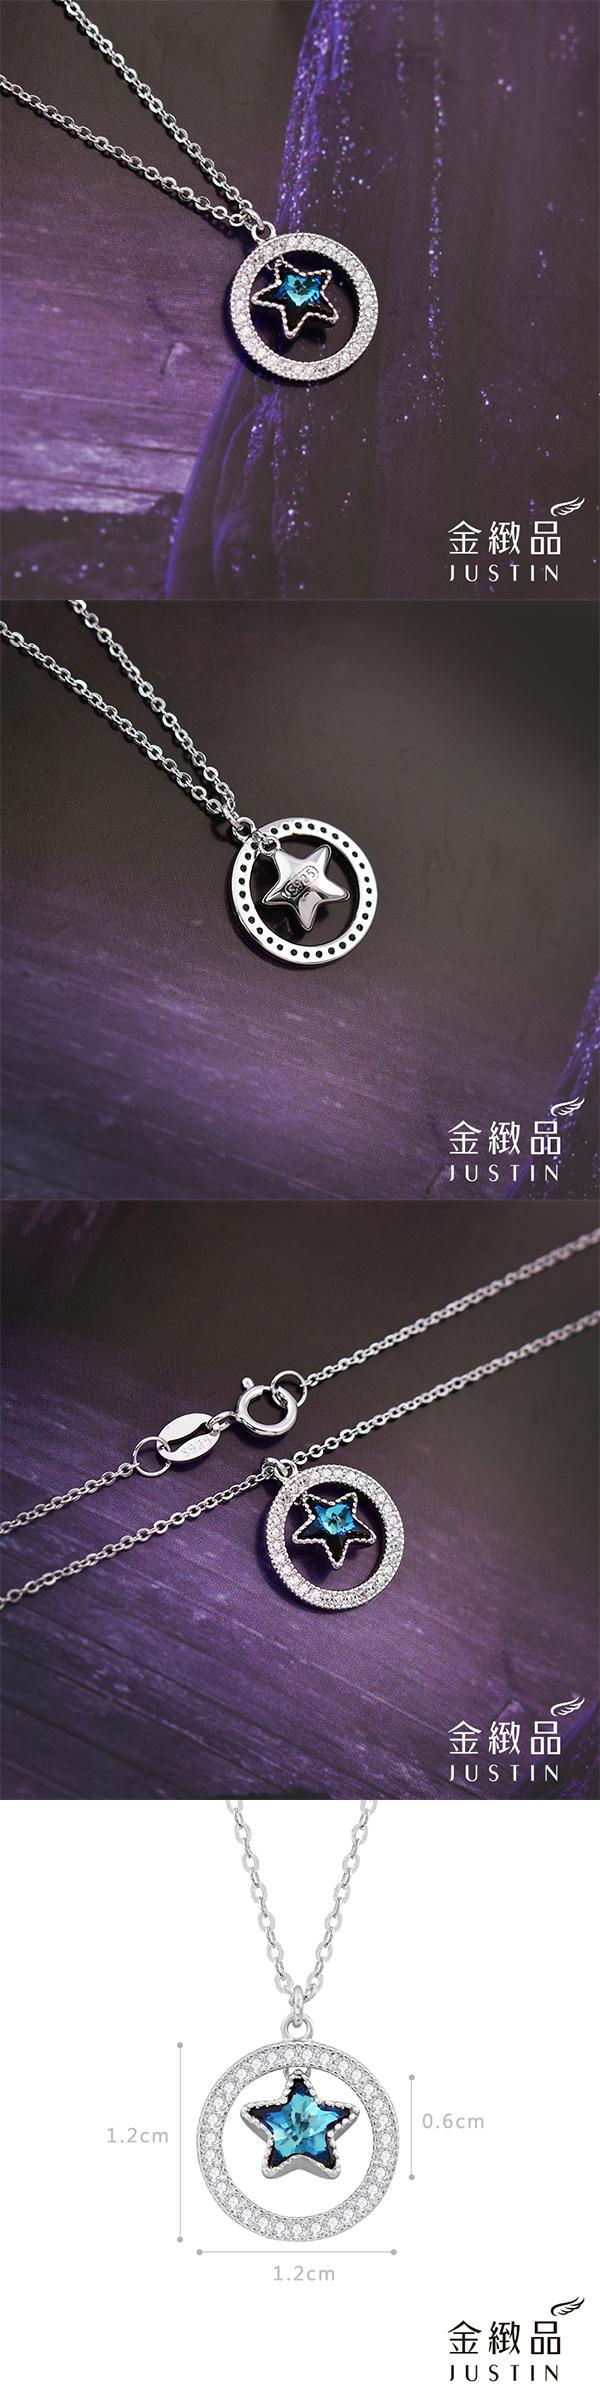 Justin金緻品 守護之星 925純銀 抗過敏 不生鏽 非鍍銀 星星 藍鑽 守護 圓滿